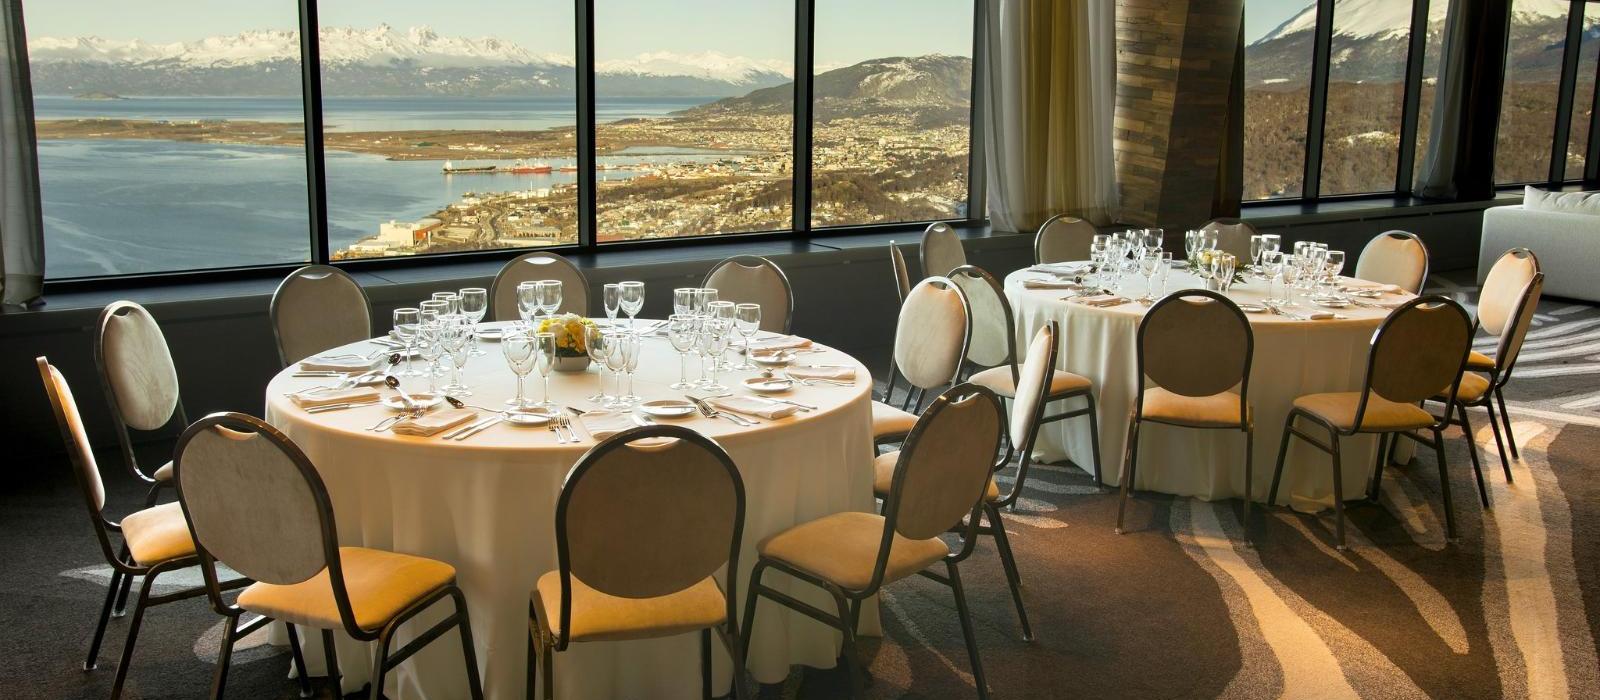 乌斯怀亚阿拉库尔水疗度假酒店(Arakur Ushuaia Resort & Spa) 图片  www.lhw.cn